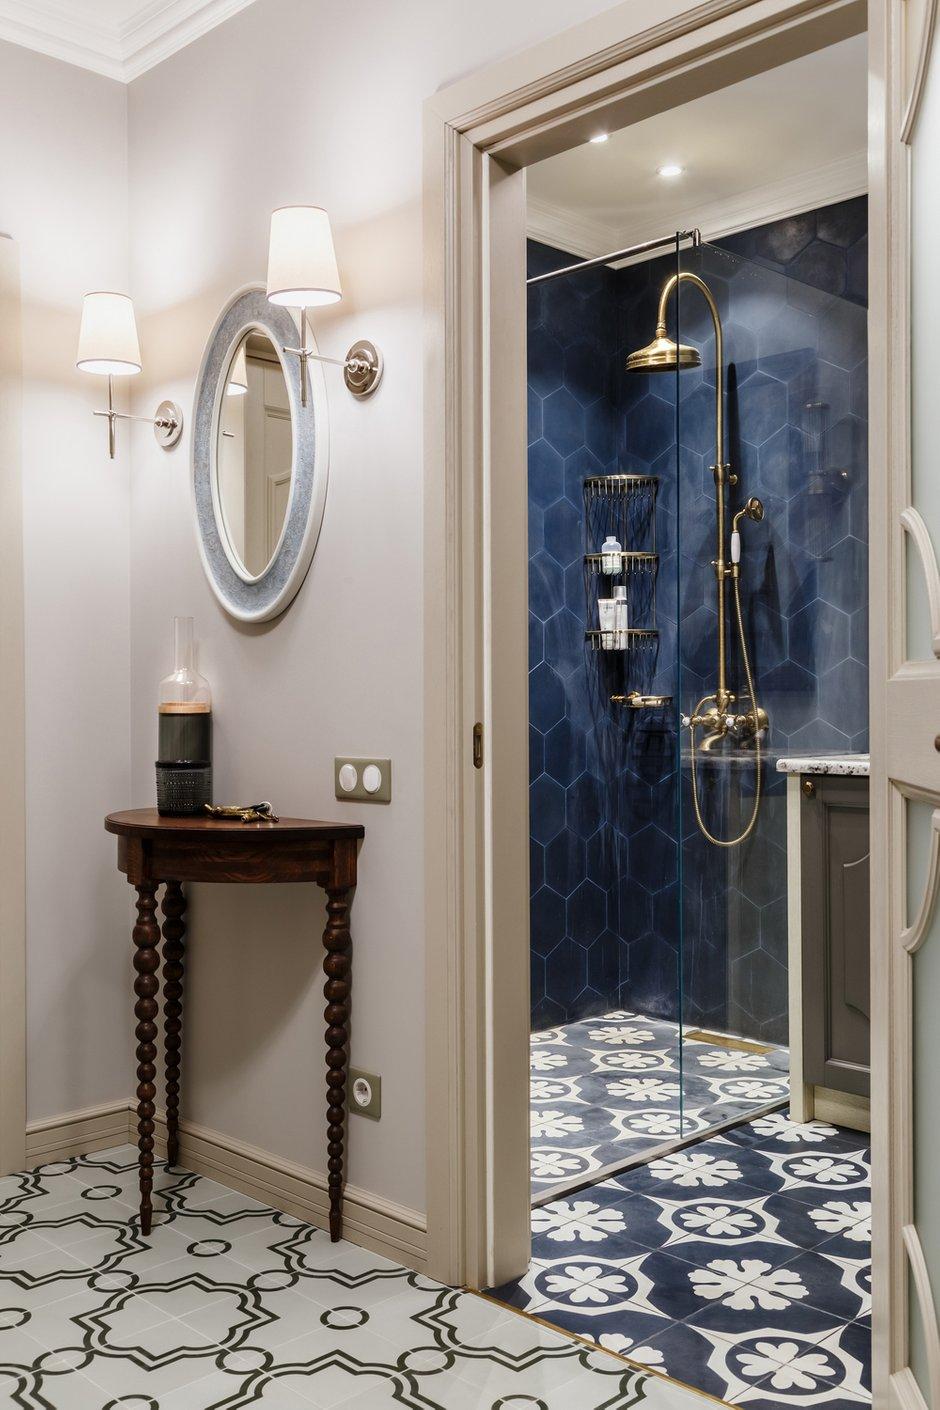 Фотография: Ванная в стиле Классический, Квартира, Проект недели, Надя Зотова, Синий, Новая Москва, 3 комнаты, 60-90 метров, студия Enjoy Home – фото на INMYROOM